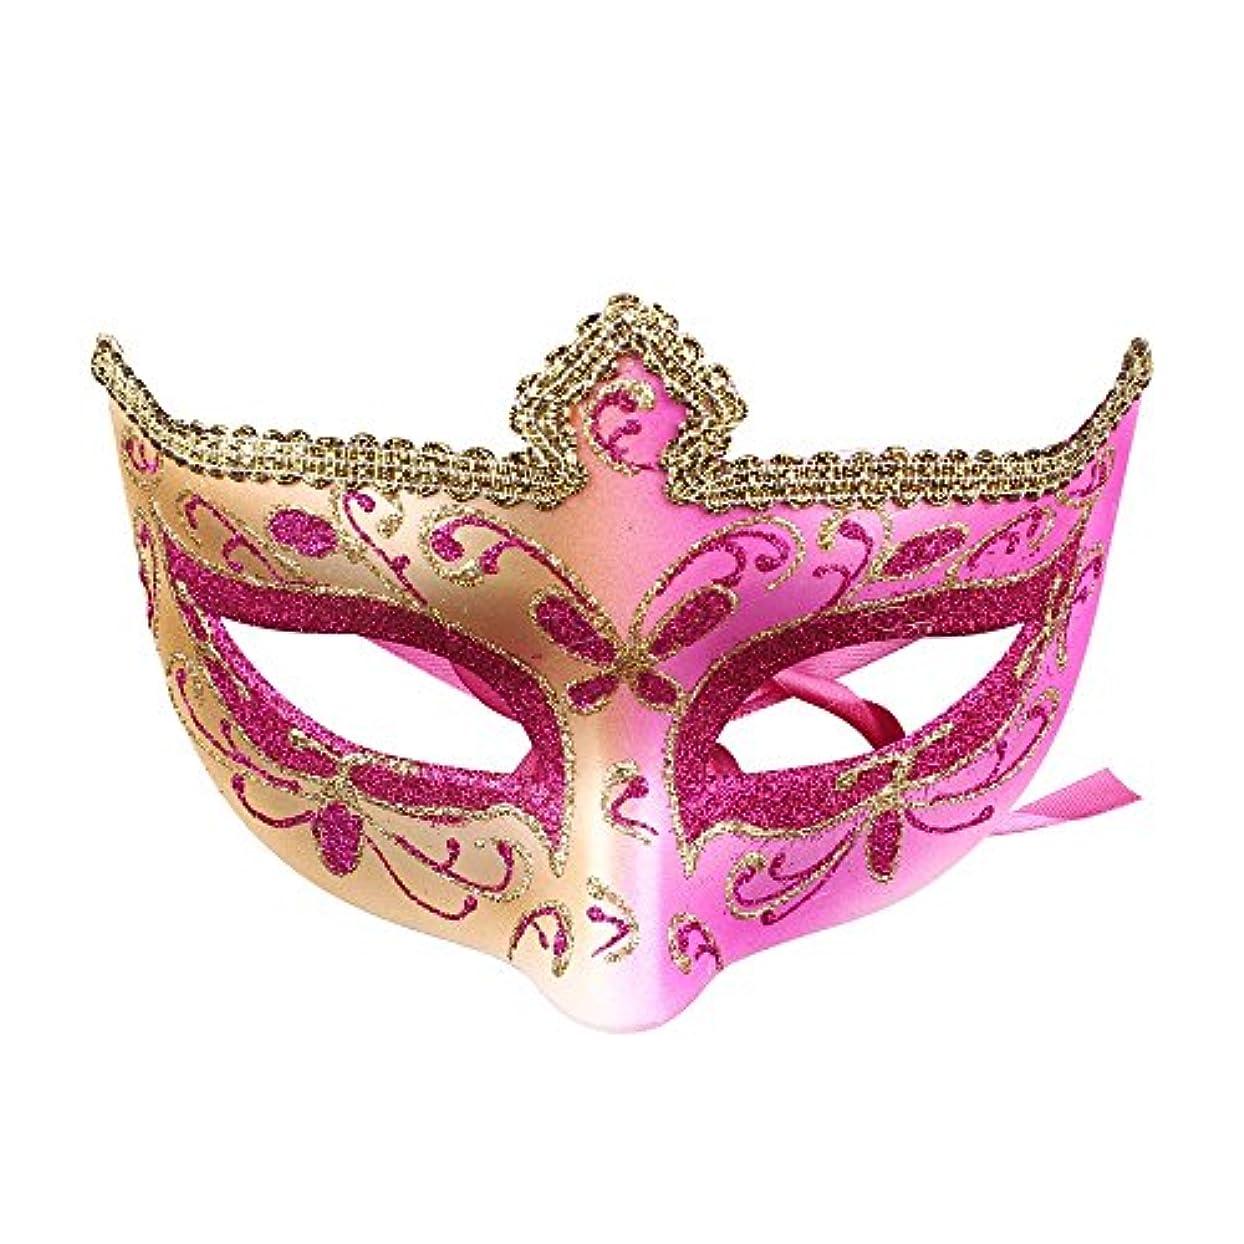 年金全能固有のクリエイティブ仮面舞??踏会レースマスク美容ハーフフェイス女性身に着けているマスクハロウィーン祭りパーティー用品 (Color : BLUE)